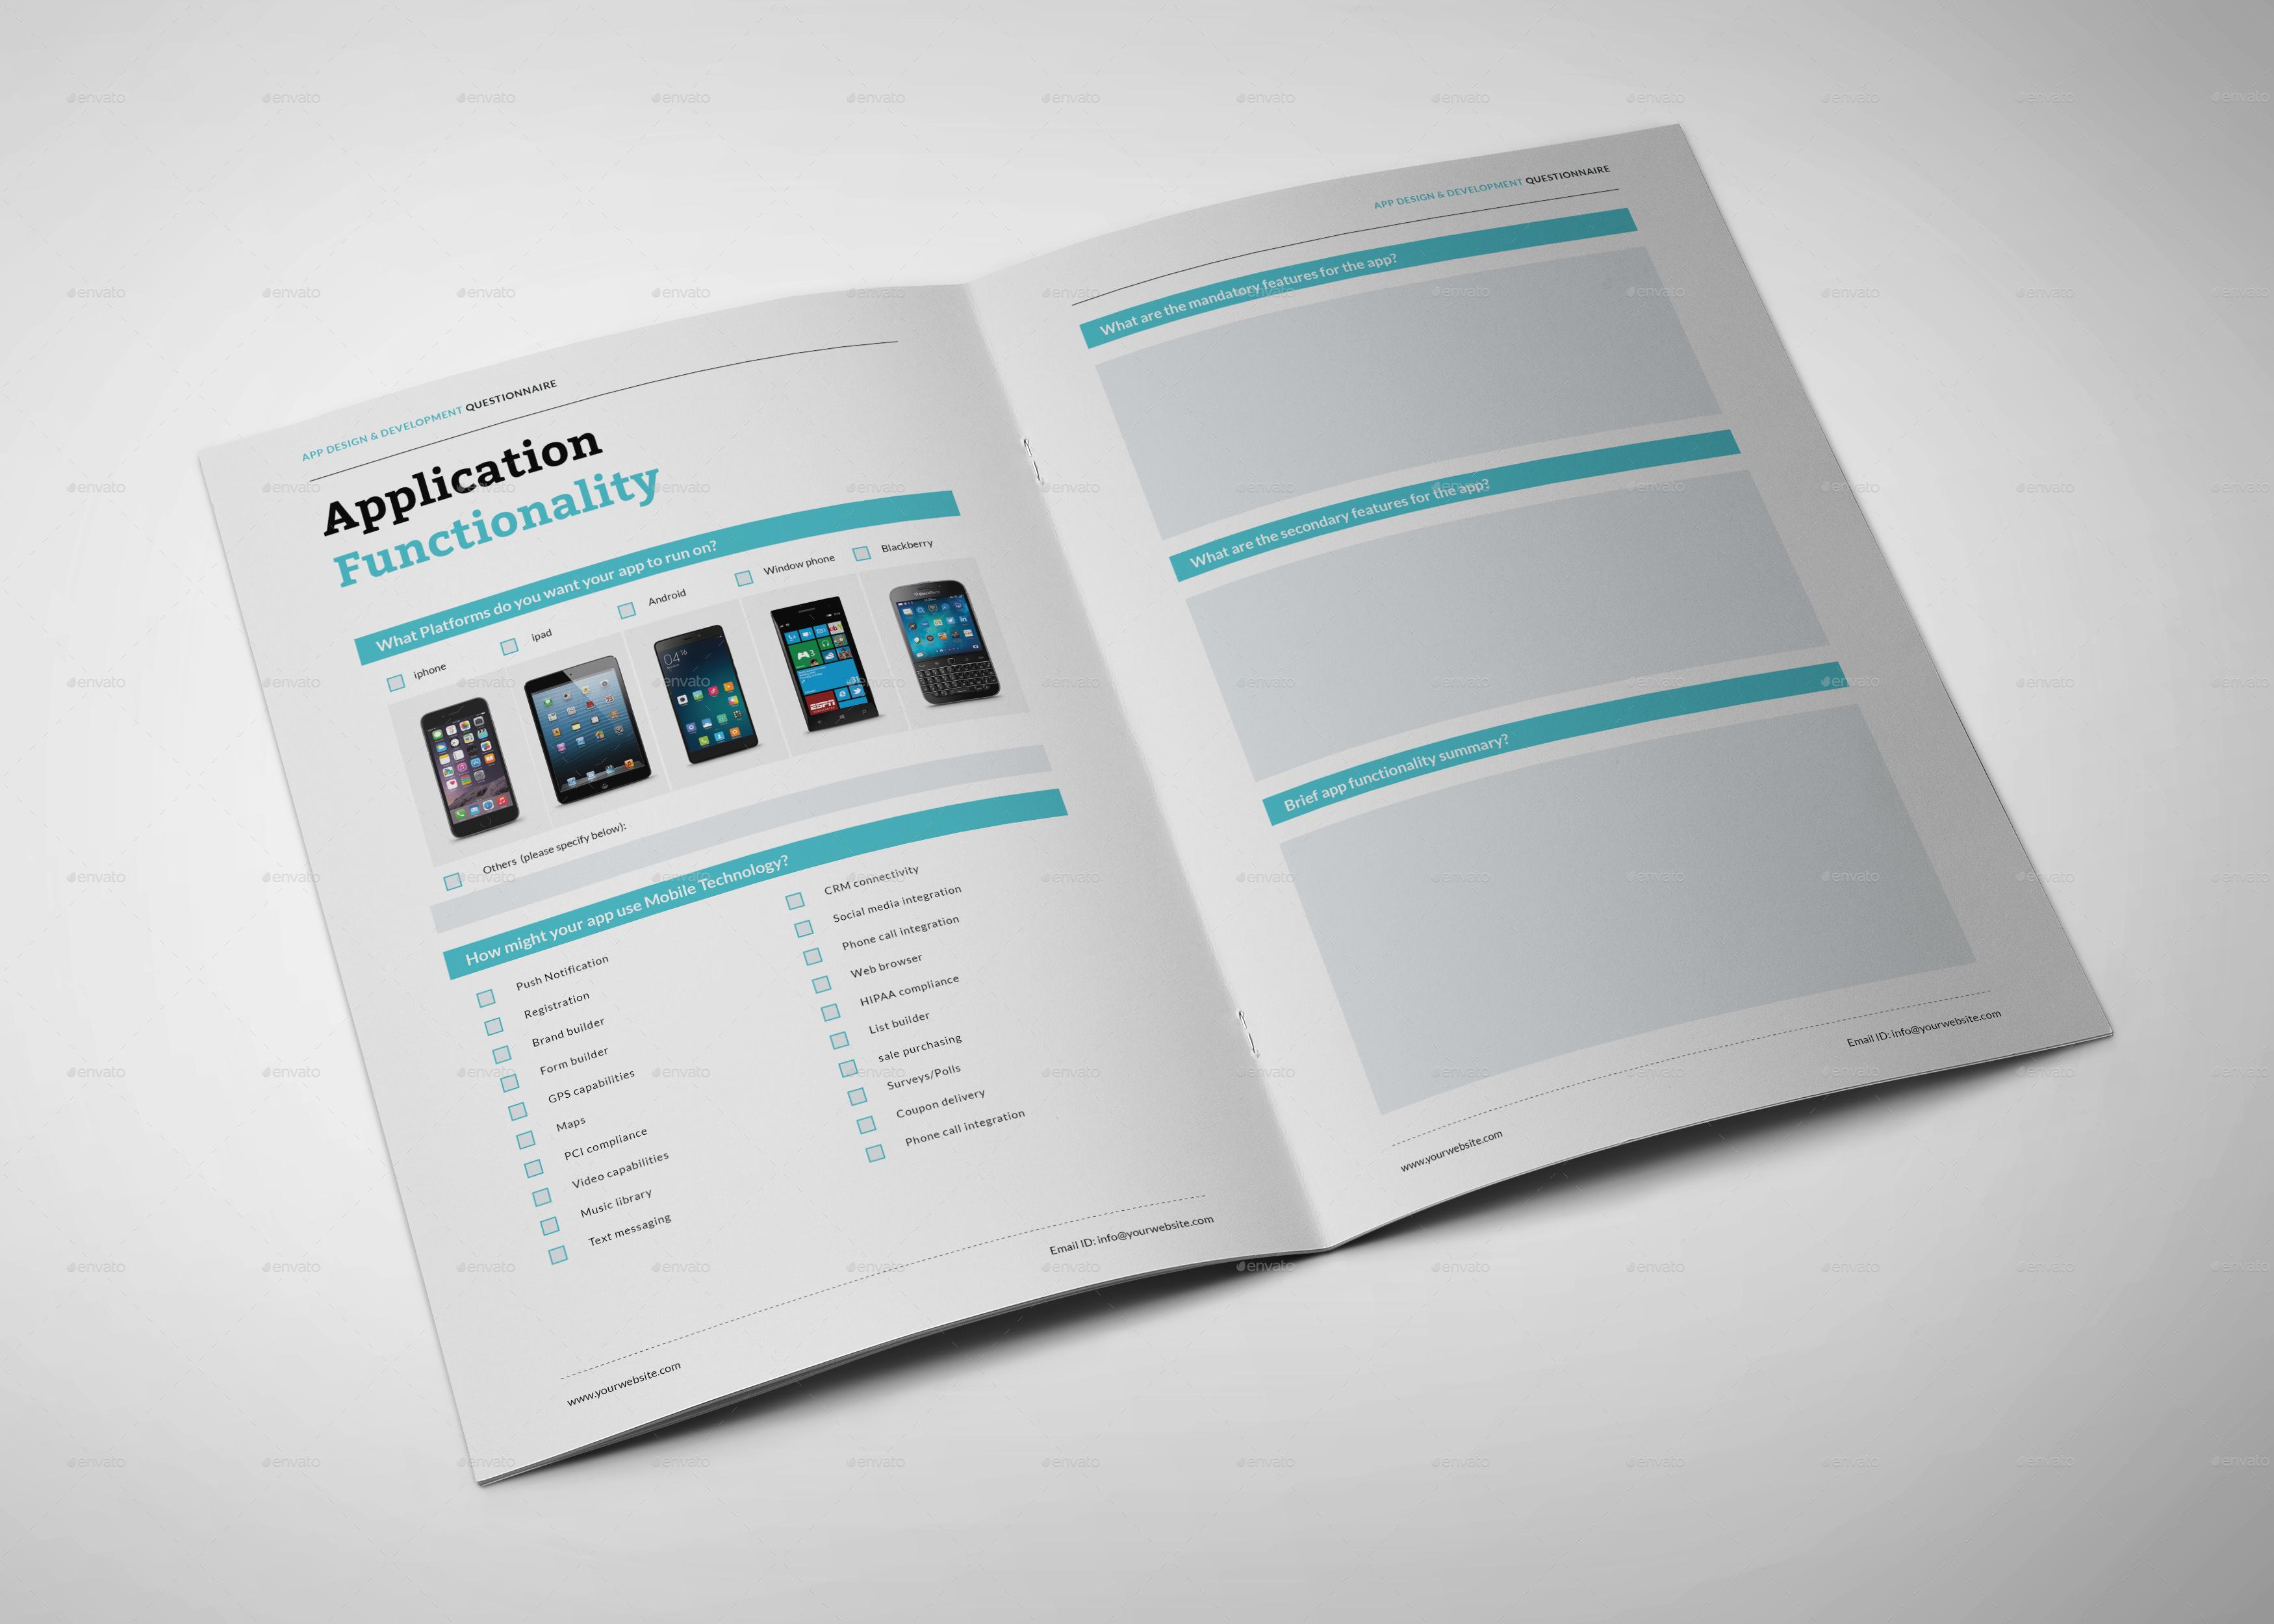 T-shirt design questionnaire - Preview App Design Questionnaire 1 Jpg Preview App Design Questionnaire 11 Jpg Preview App Design Questionnaire 2 Jpg